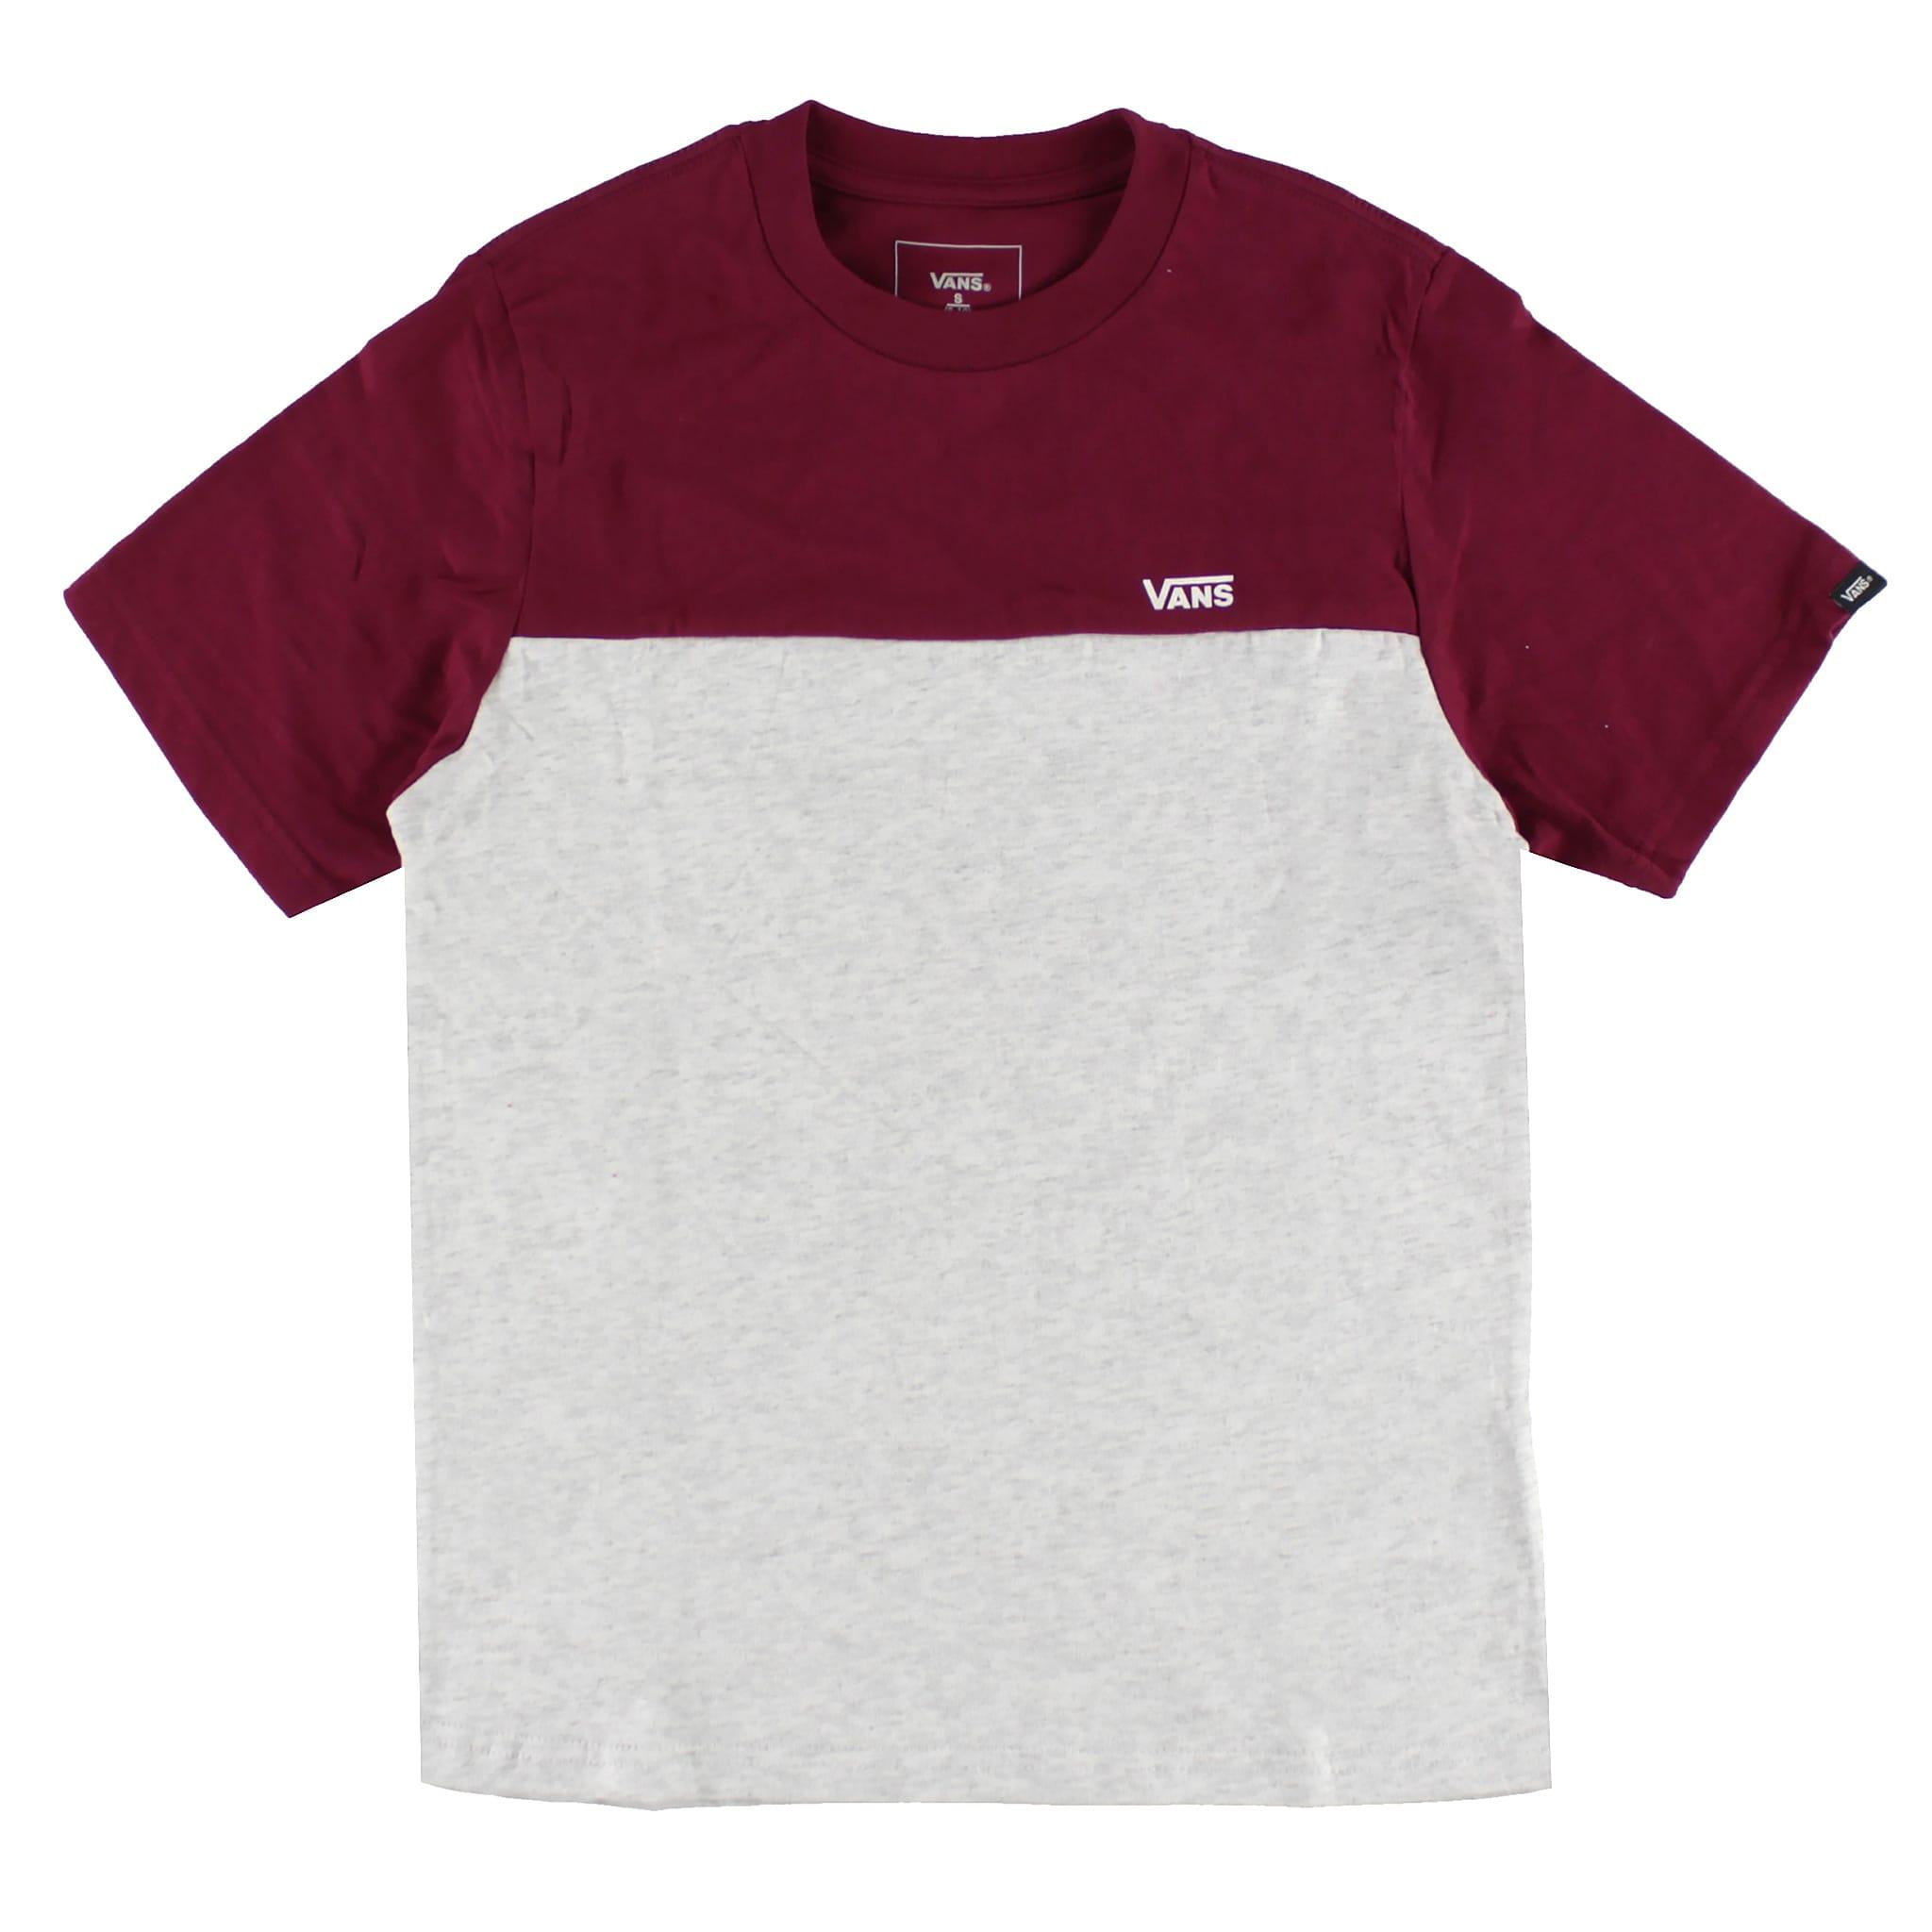 tee shirt vans 16 ans